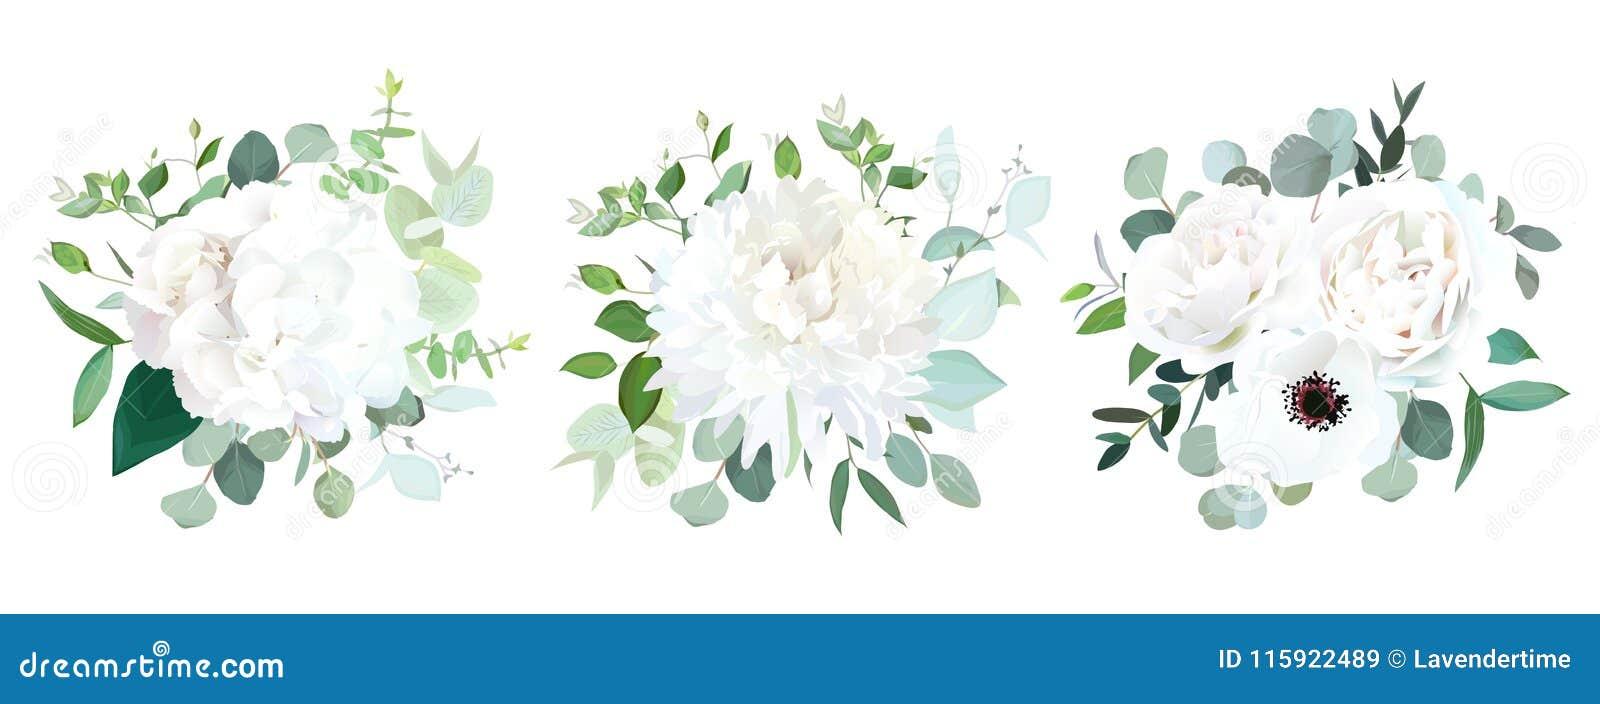 Gifta sig för vektordesign för vita blommor buketter